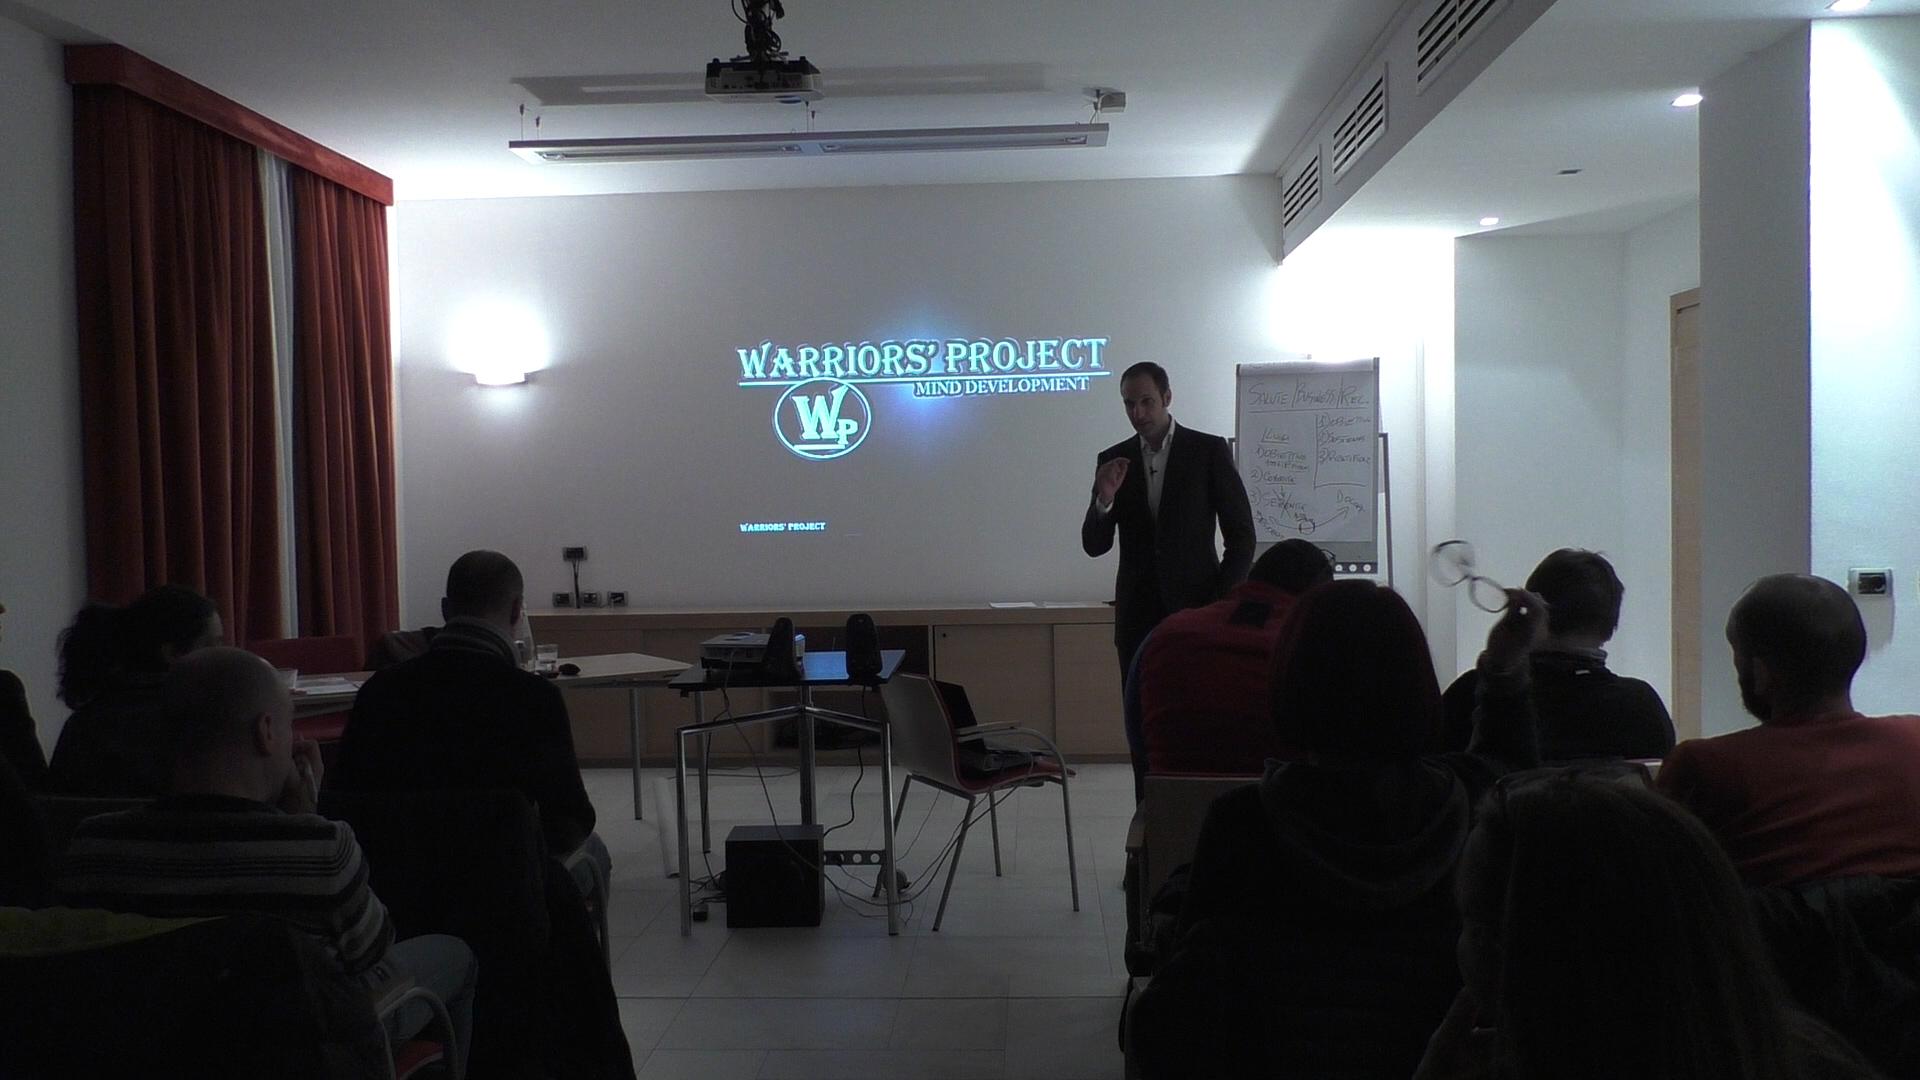 orso di formazione reggio emilia leadership raggiungere gli obiettivi warriors project vincenzo cento